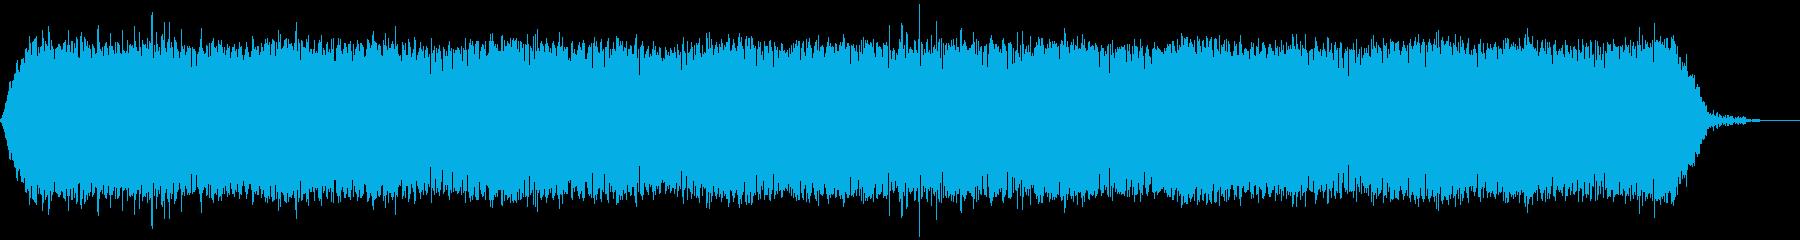 【アンビエント】ドローン_24 実験音の再生済みの波形